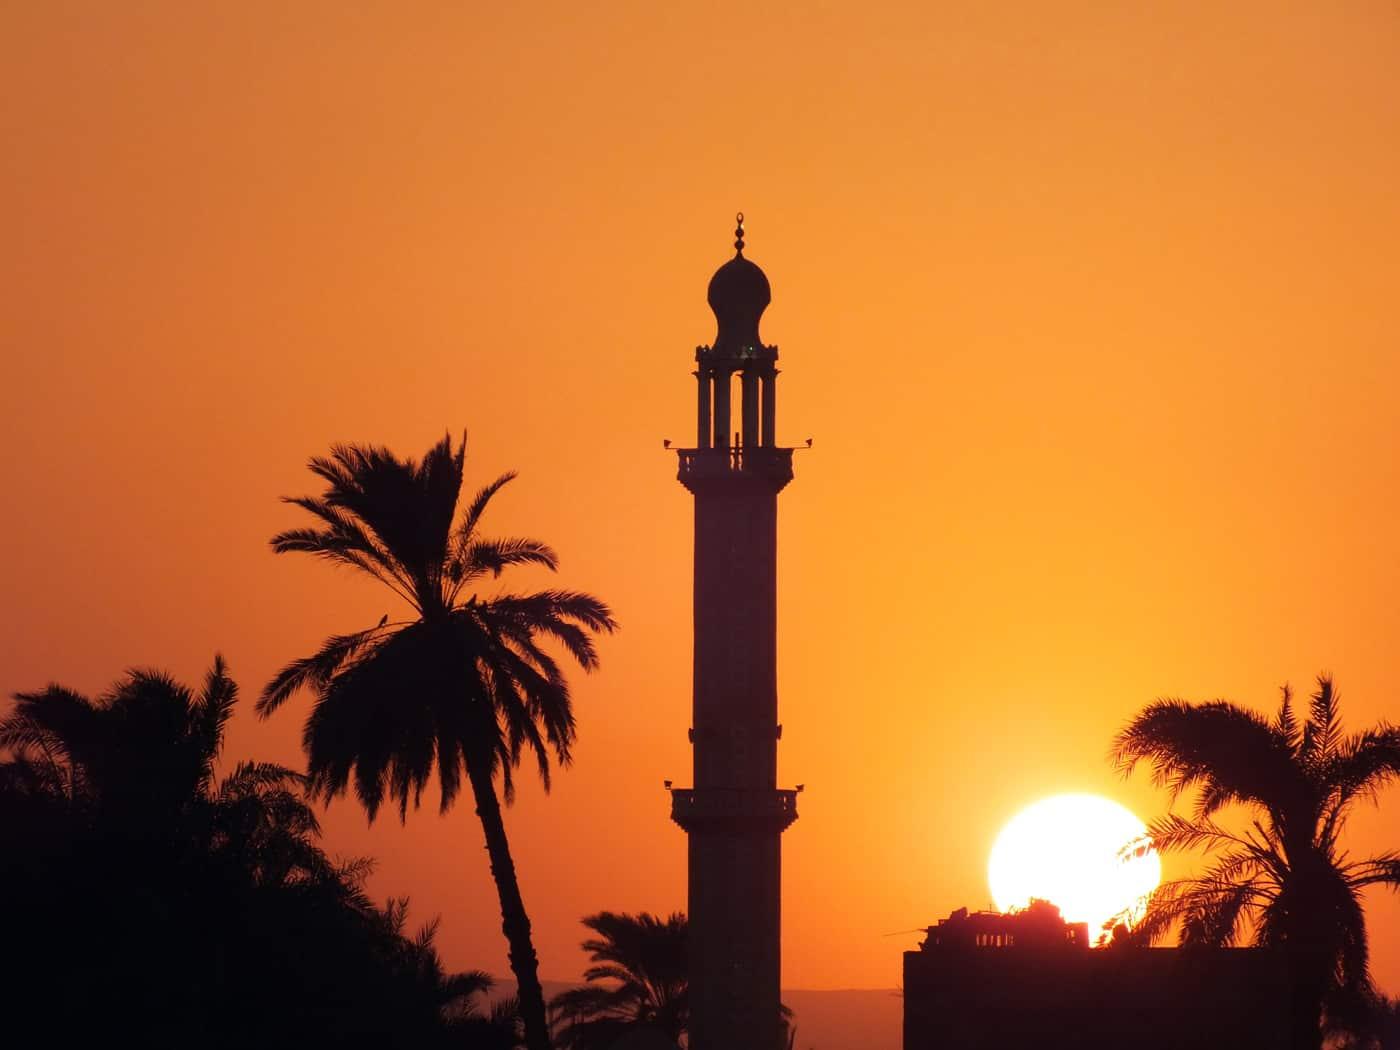 Ägypten, Moschee, Sonnenuntergang | © Jürgen Eich